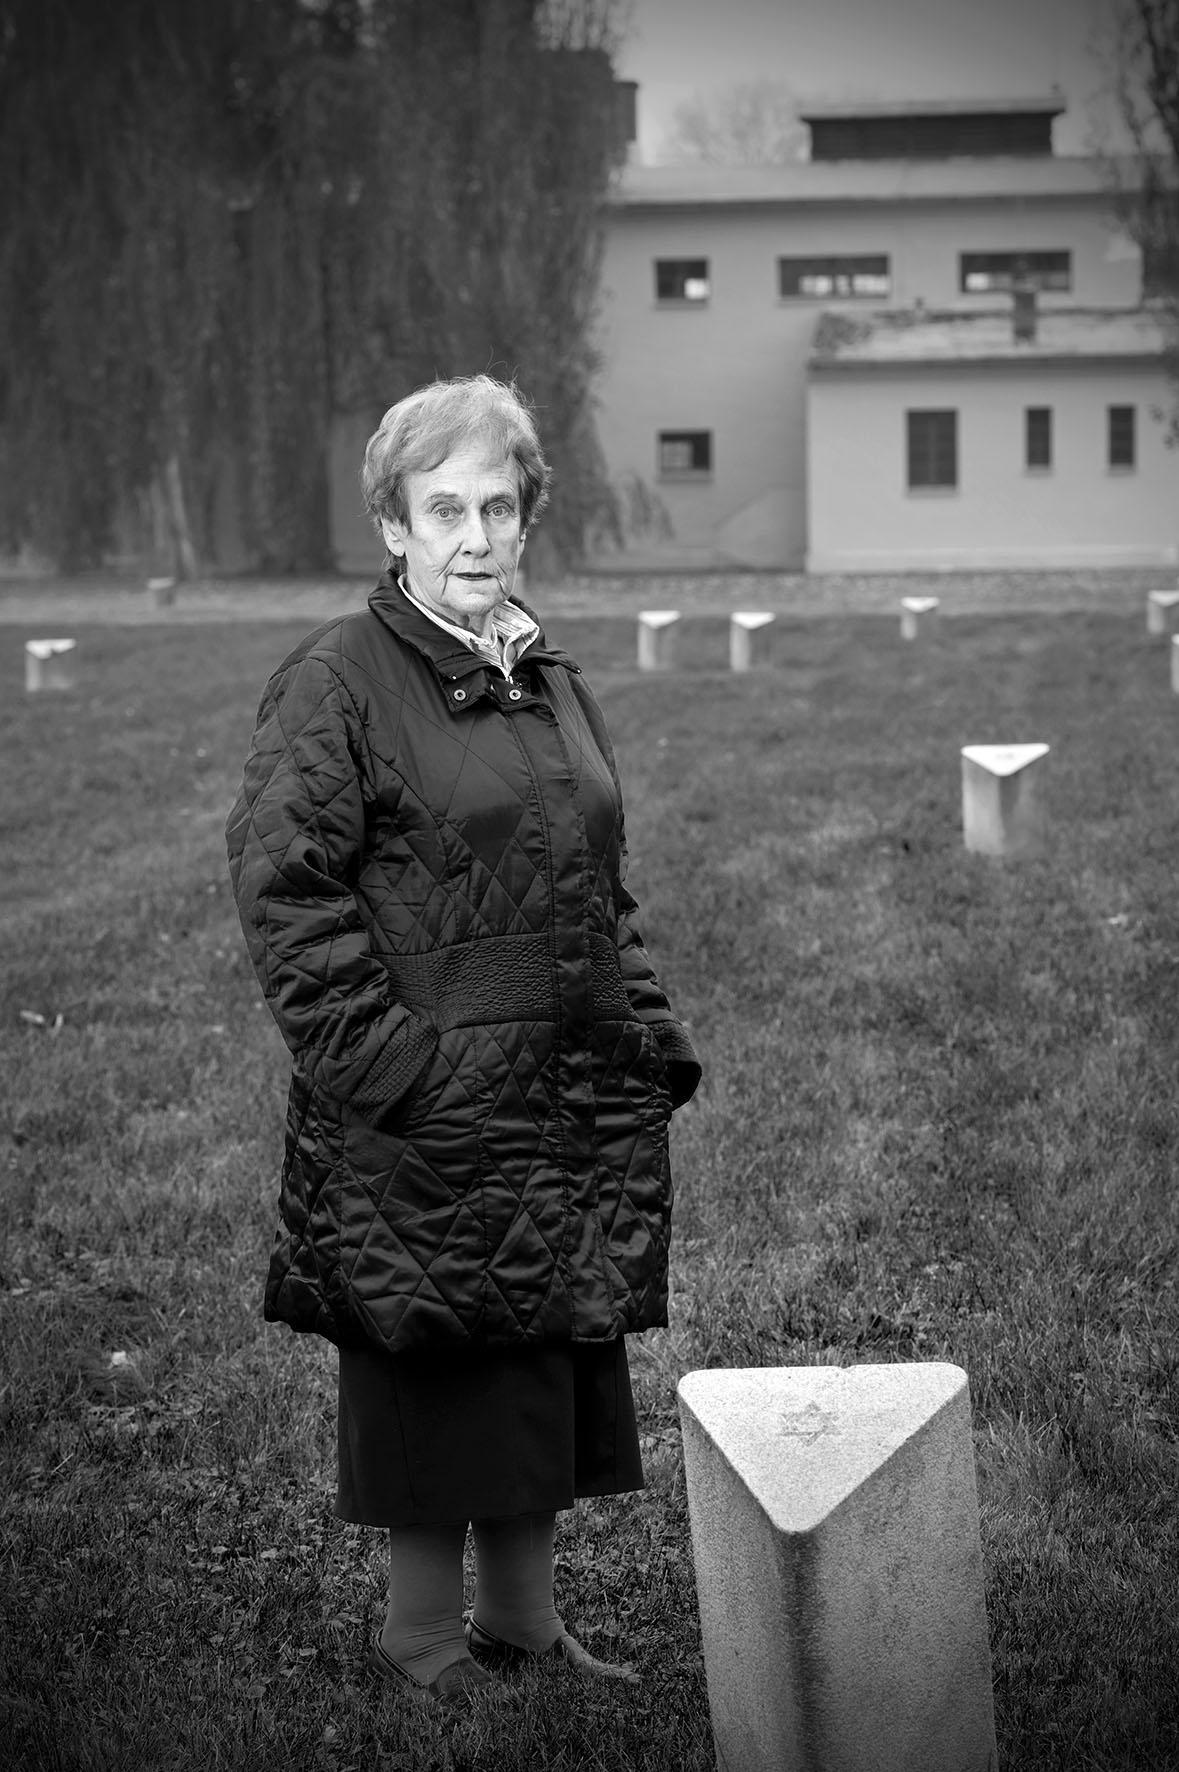 Výstava v památníku Terezín: Přežili koncentrační tábory